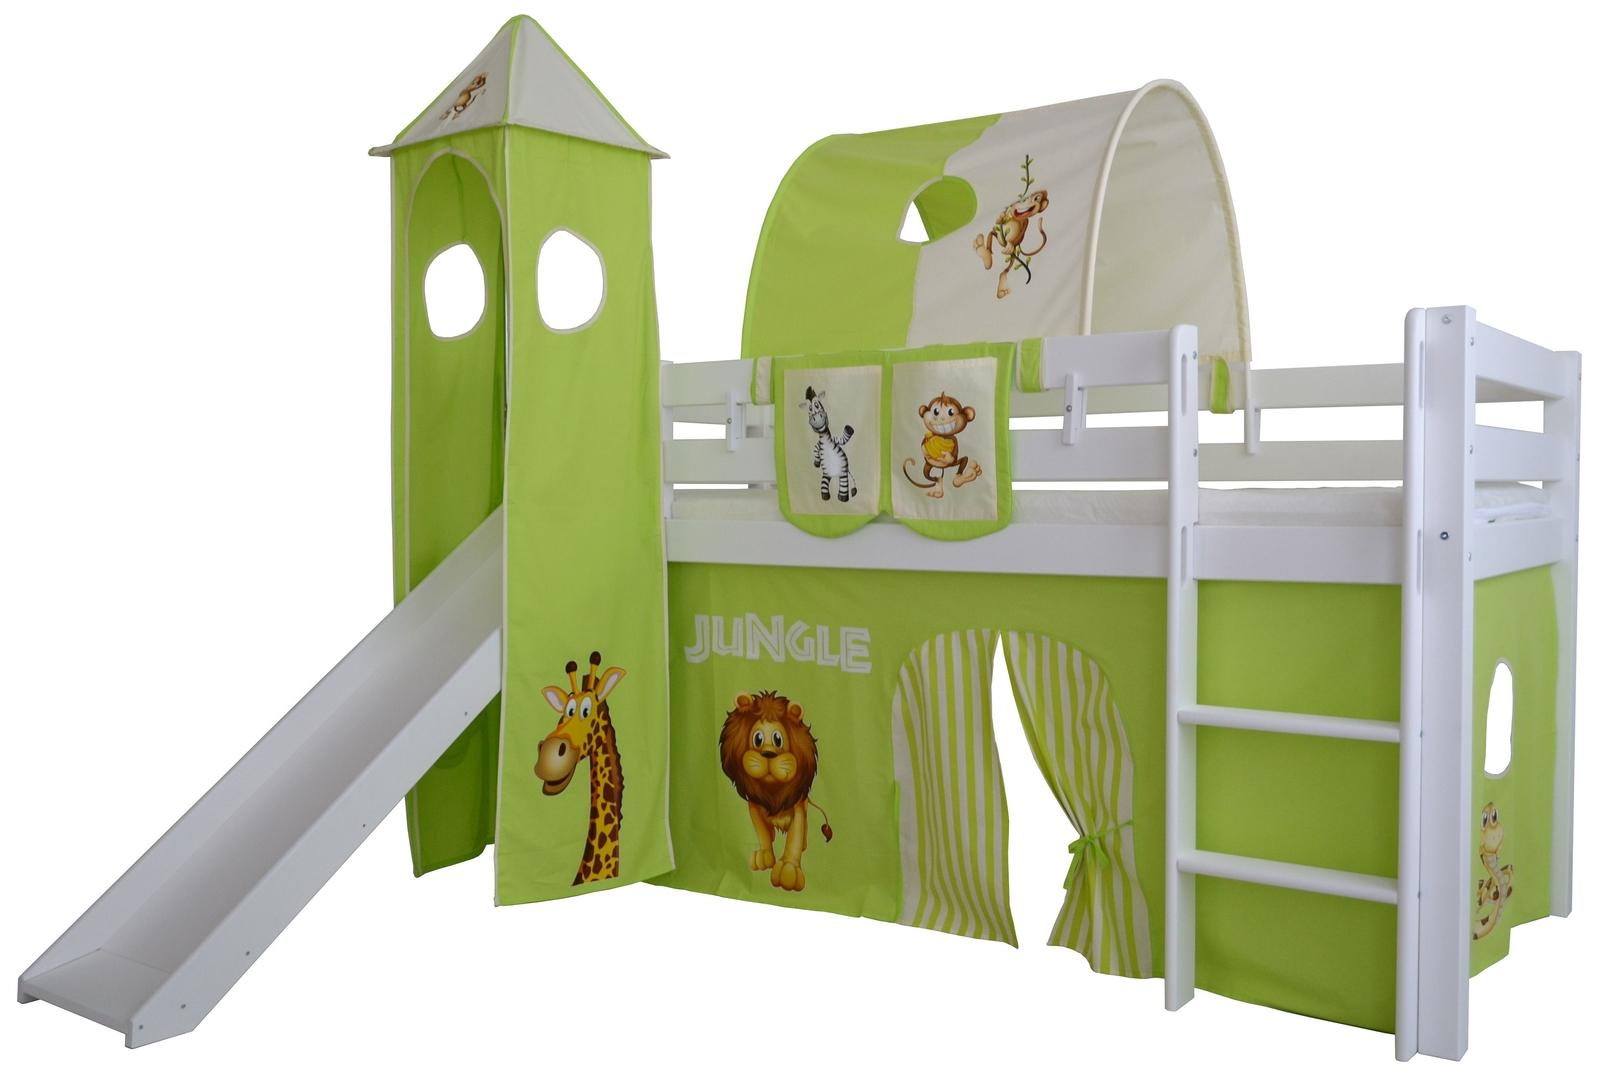 Halbhohes Kinder Abenteuer Hochbett Dschungel Massivholz mit Leiter und Rutsche, Bild 2